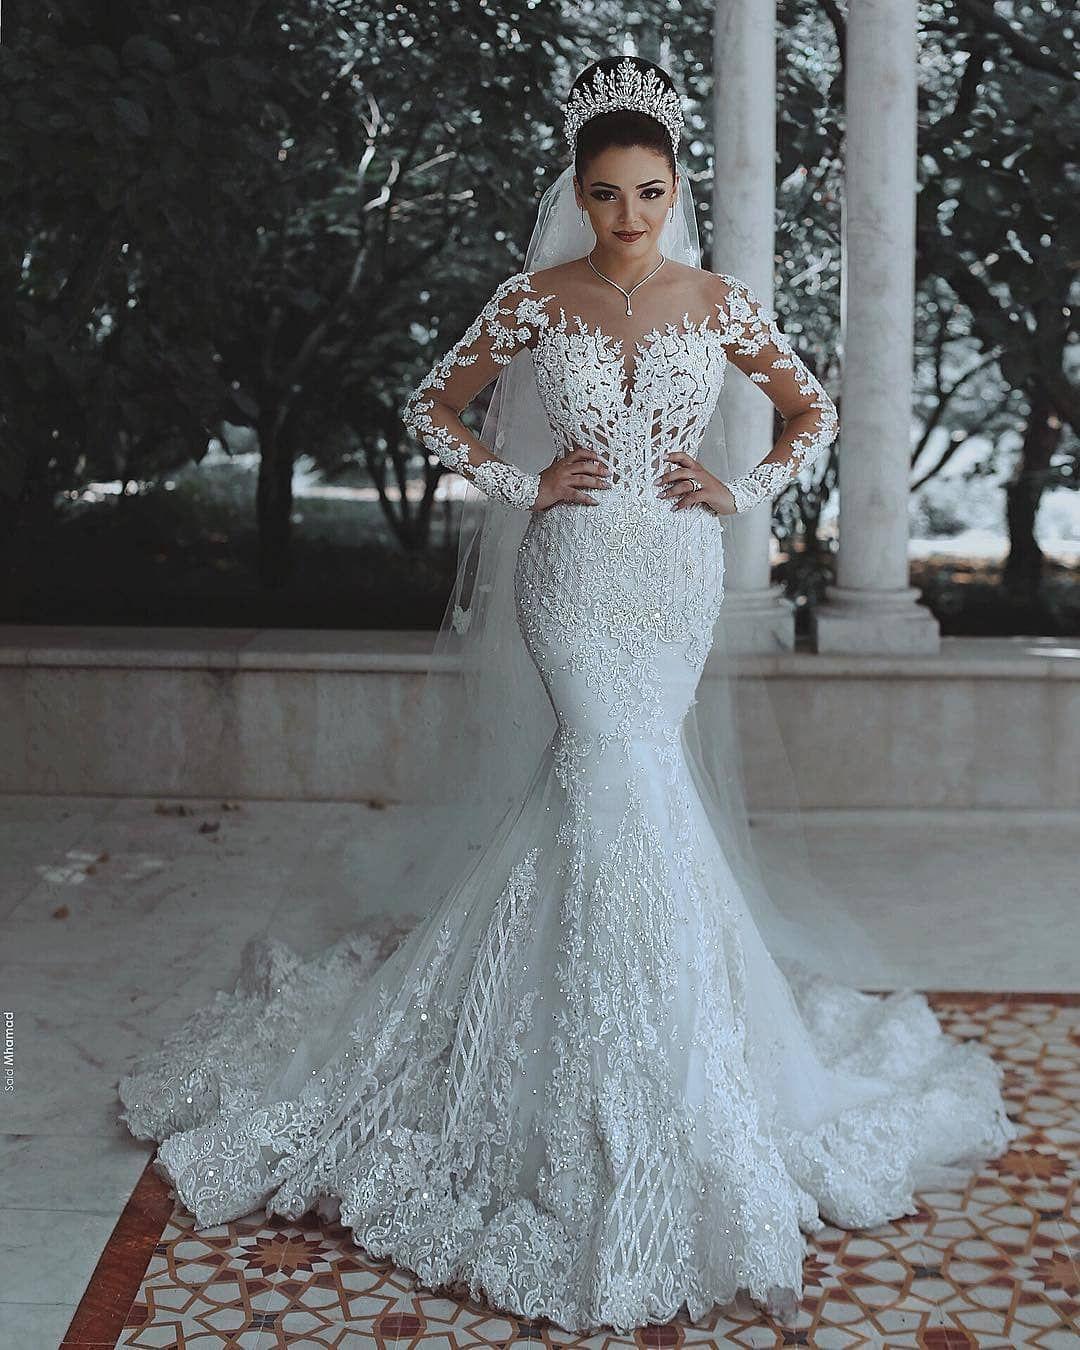 Luxury Brautkleider Spitze Weiße Hochzeitskleider Mit Ärmel Schleier Modellnummer:  XY243-BA9863 #bridepictures